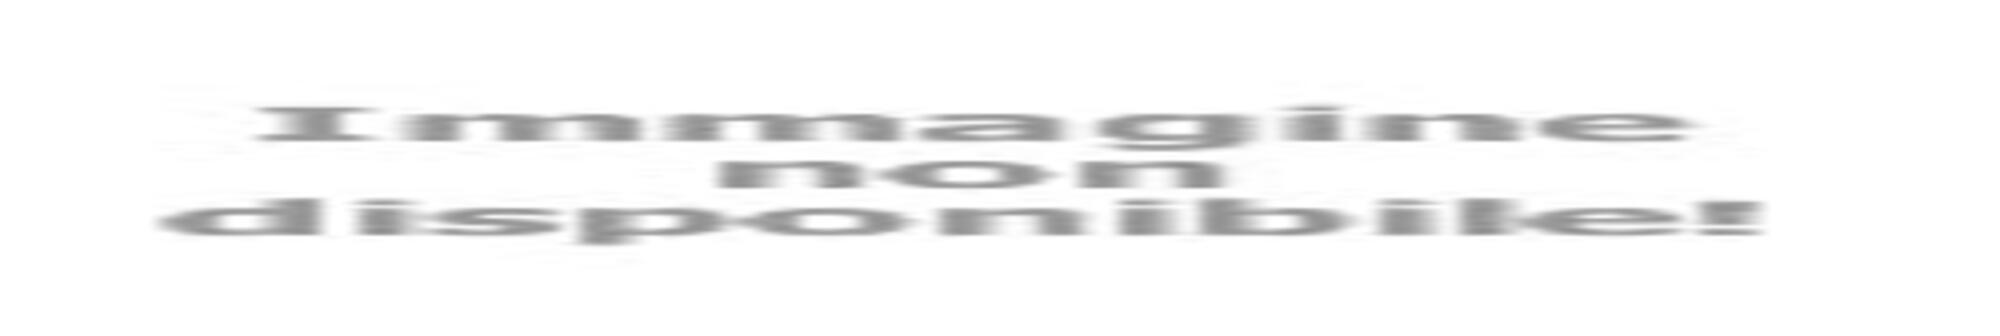 Speciale Beer Attraction Rimini Fiera